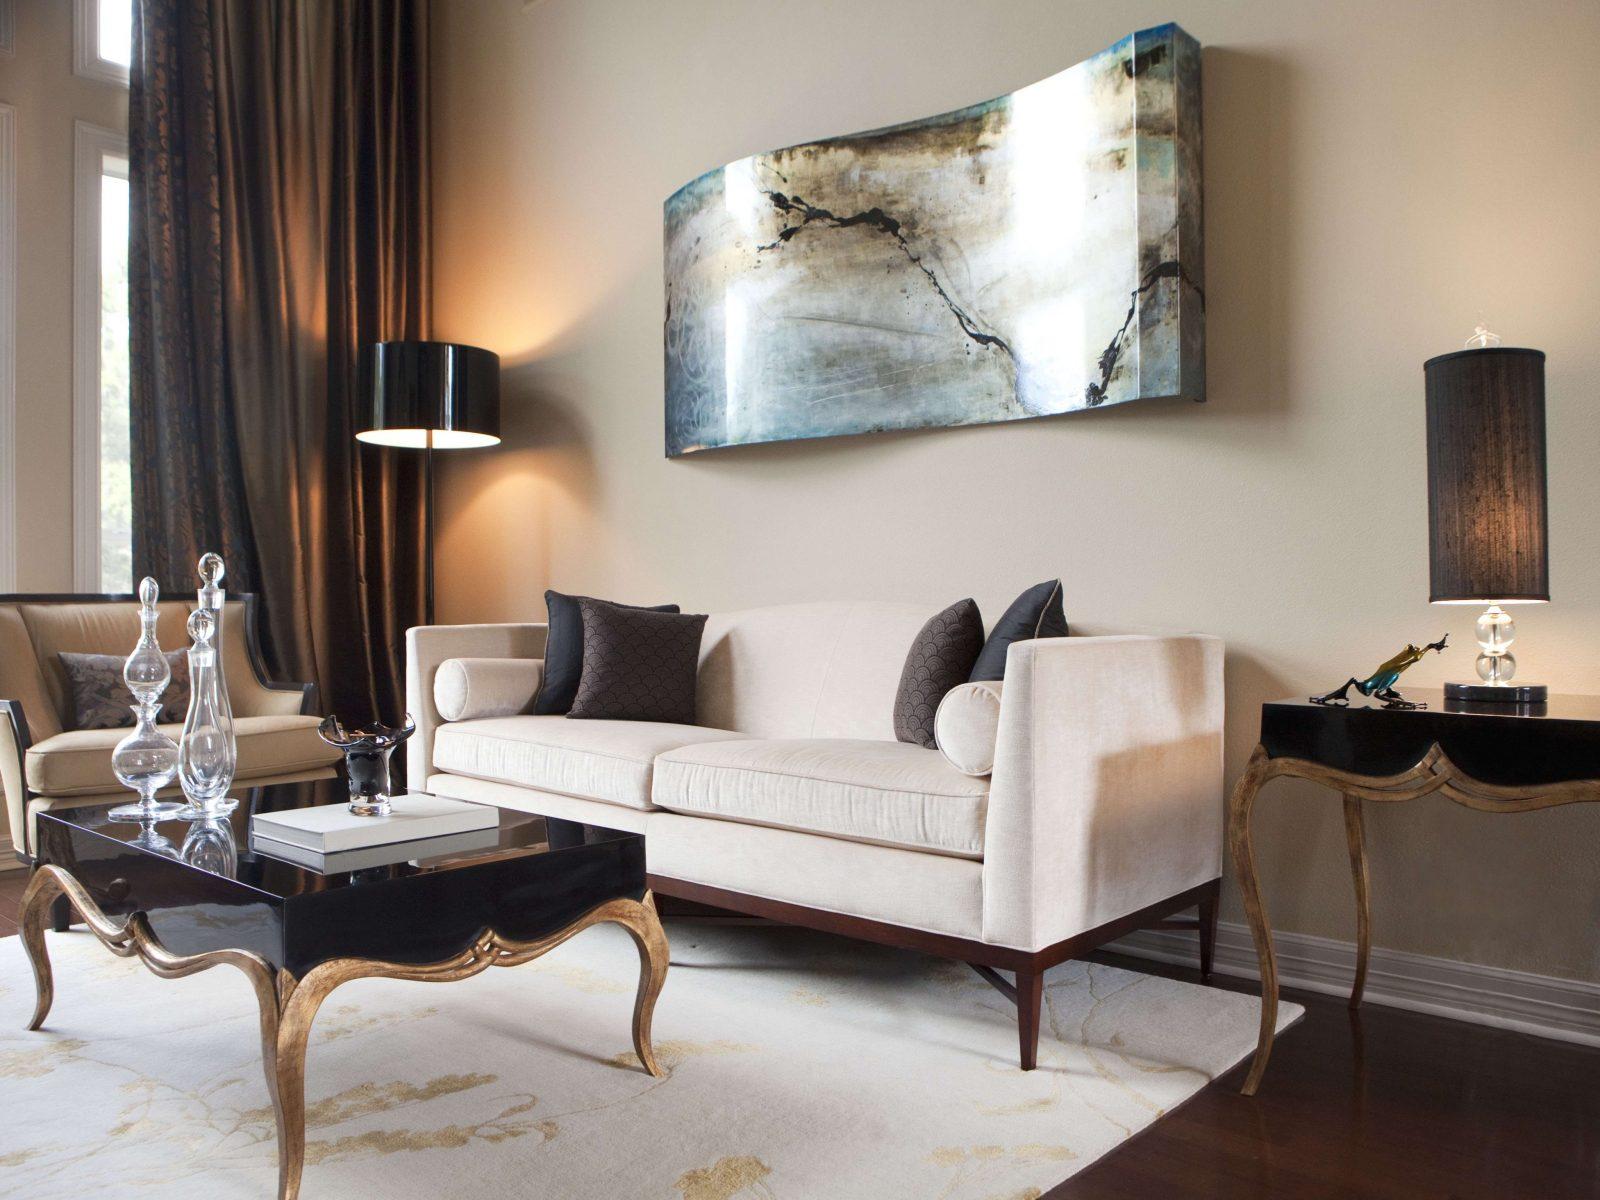 Wohnzimmer Mit Sofagruppe Wandfarbe Graues Sofa Mit Beeindruckend Zu von Graues Sofa Welche Wandfarbe Bild